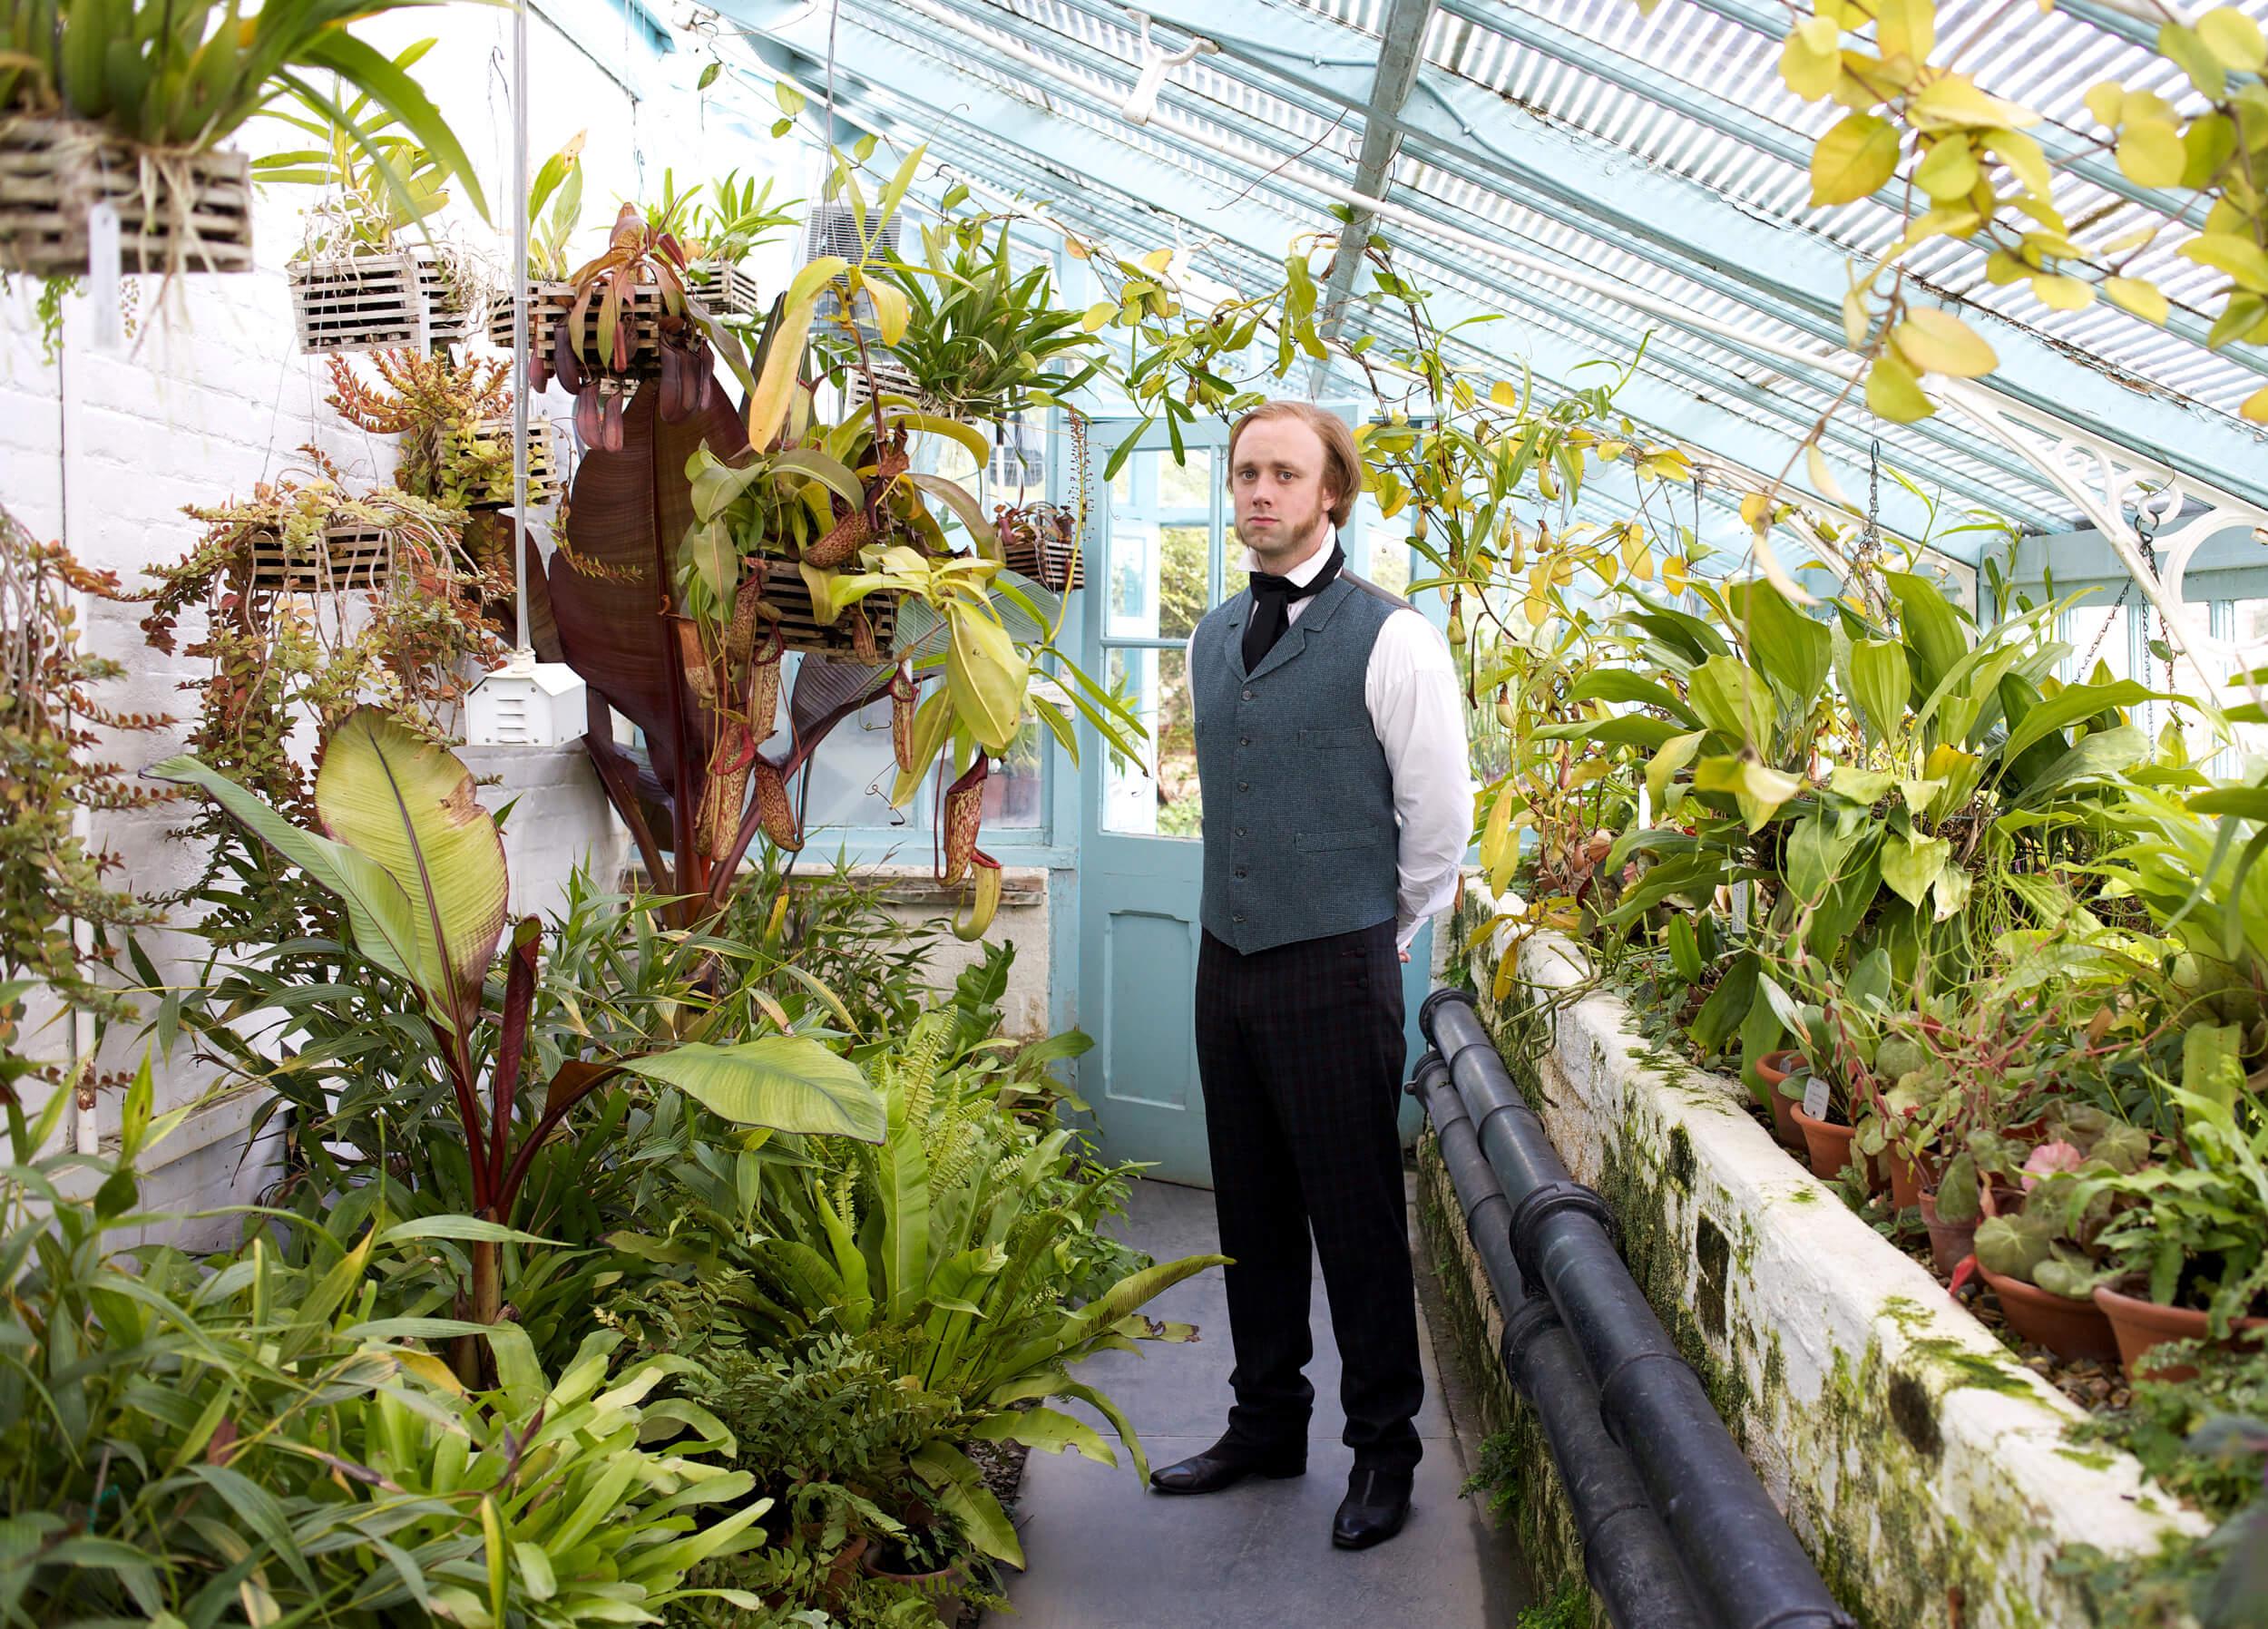 Darwin's greenhouse